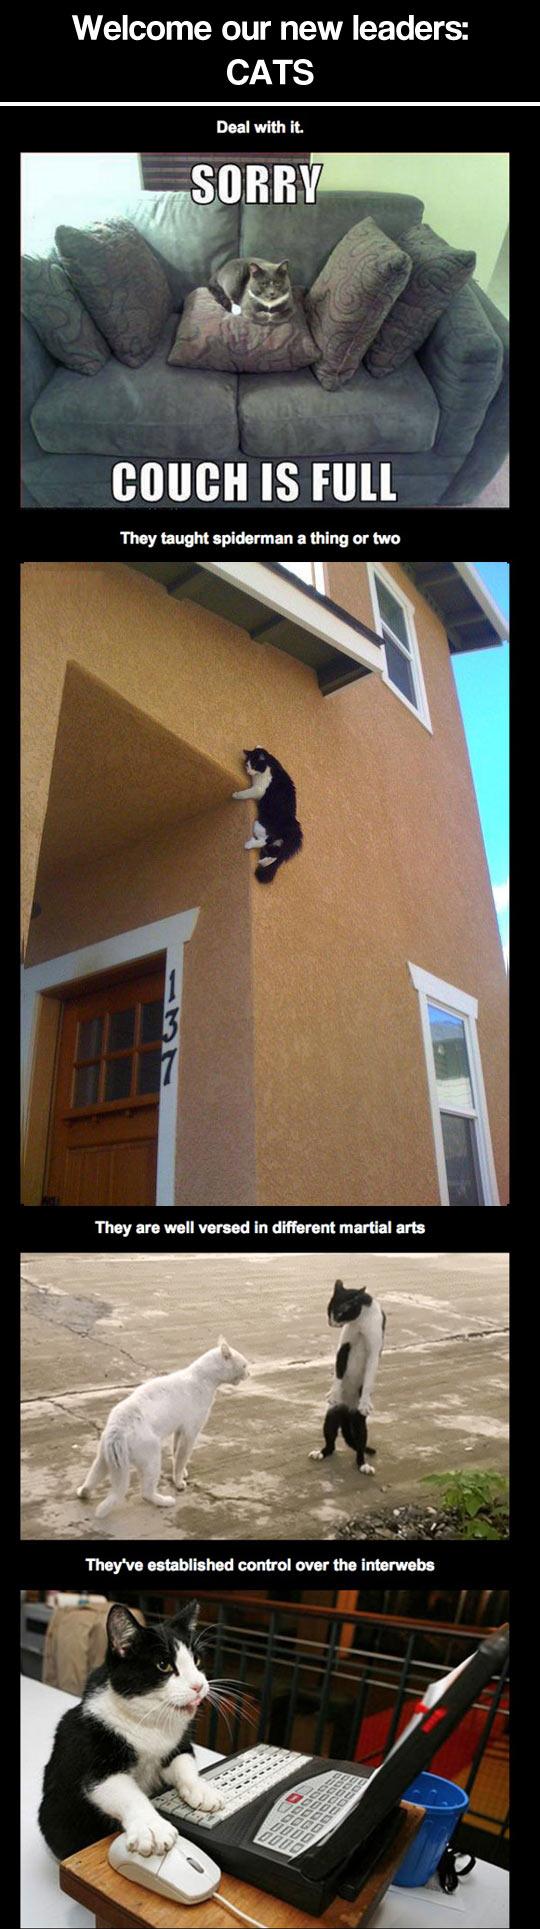 Cats doing hilarious stuff